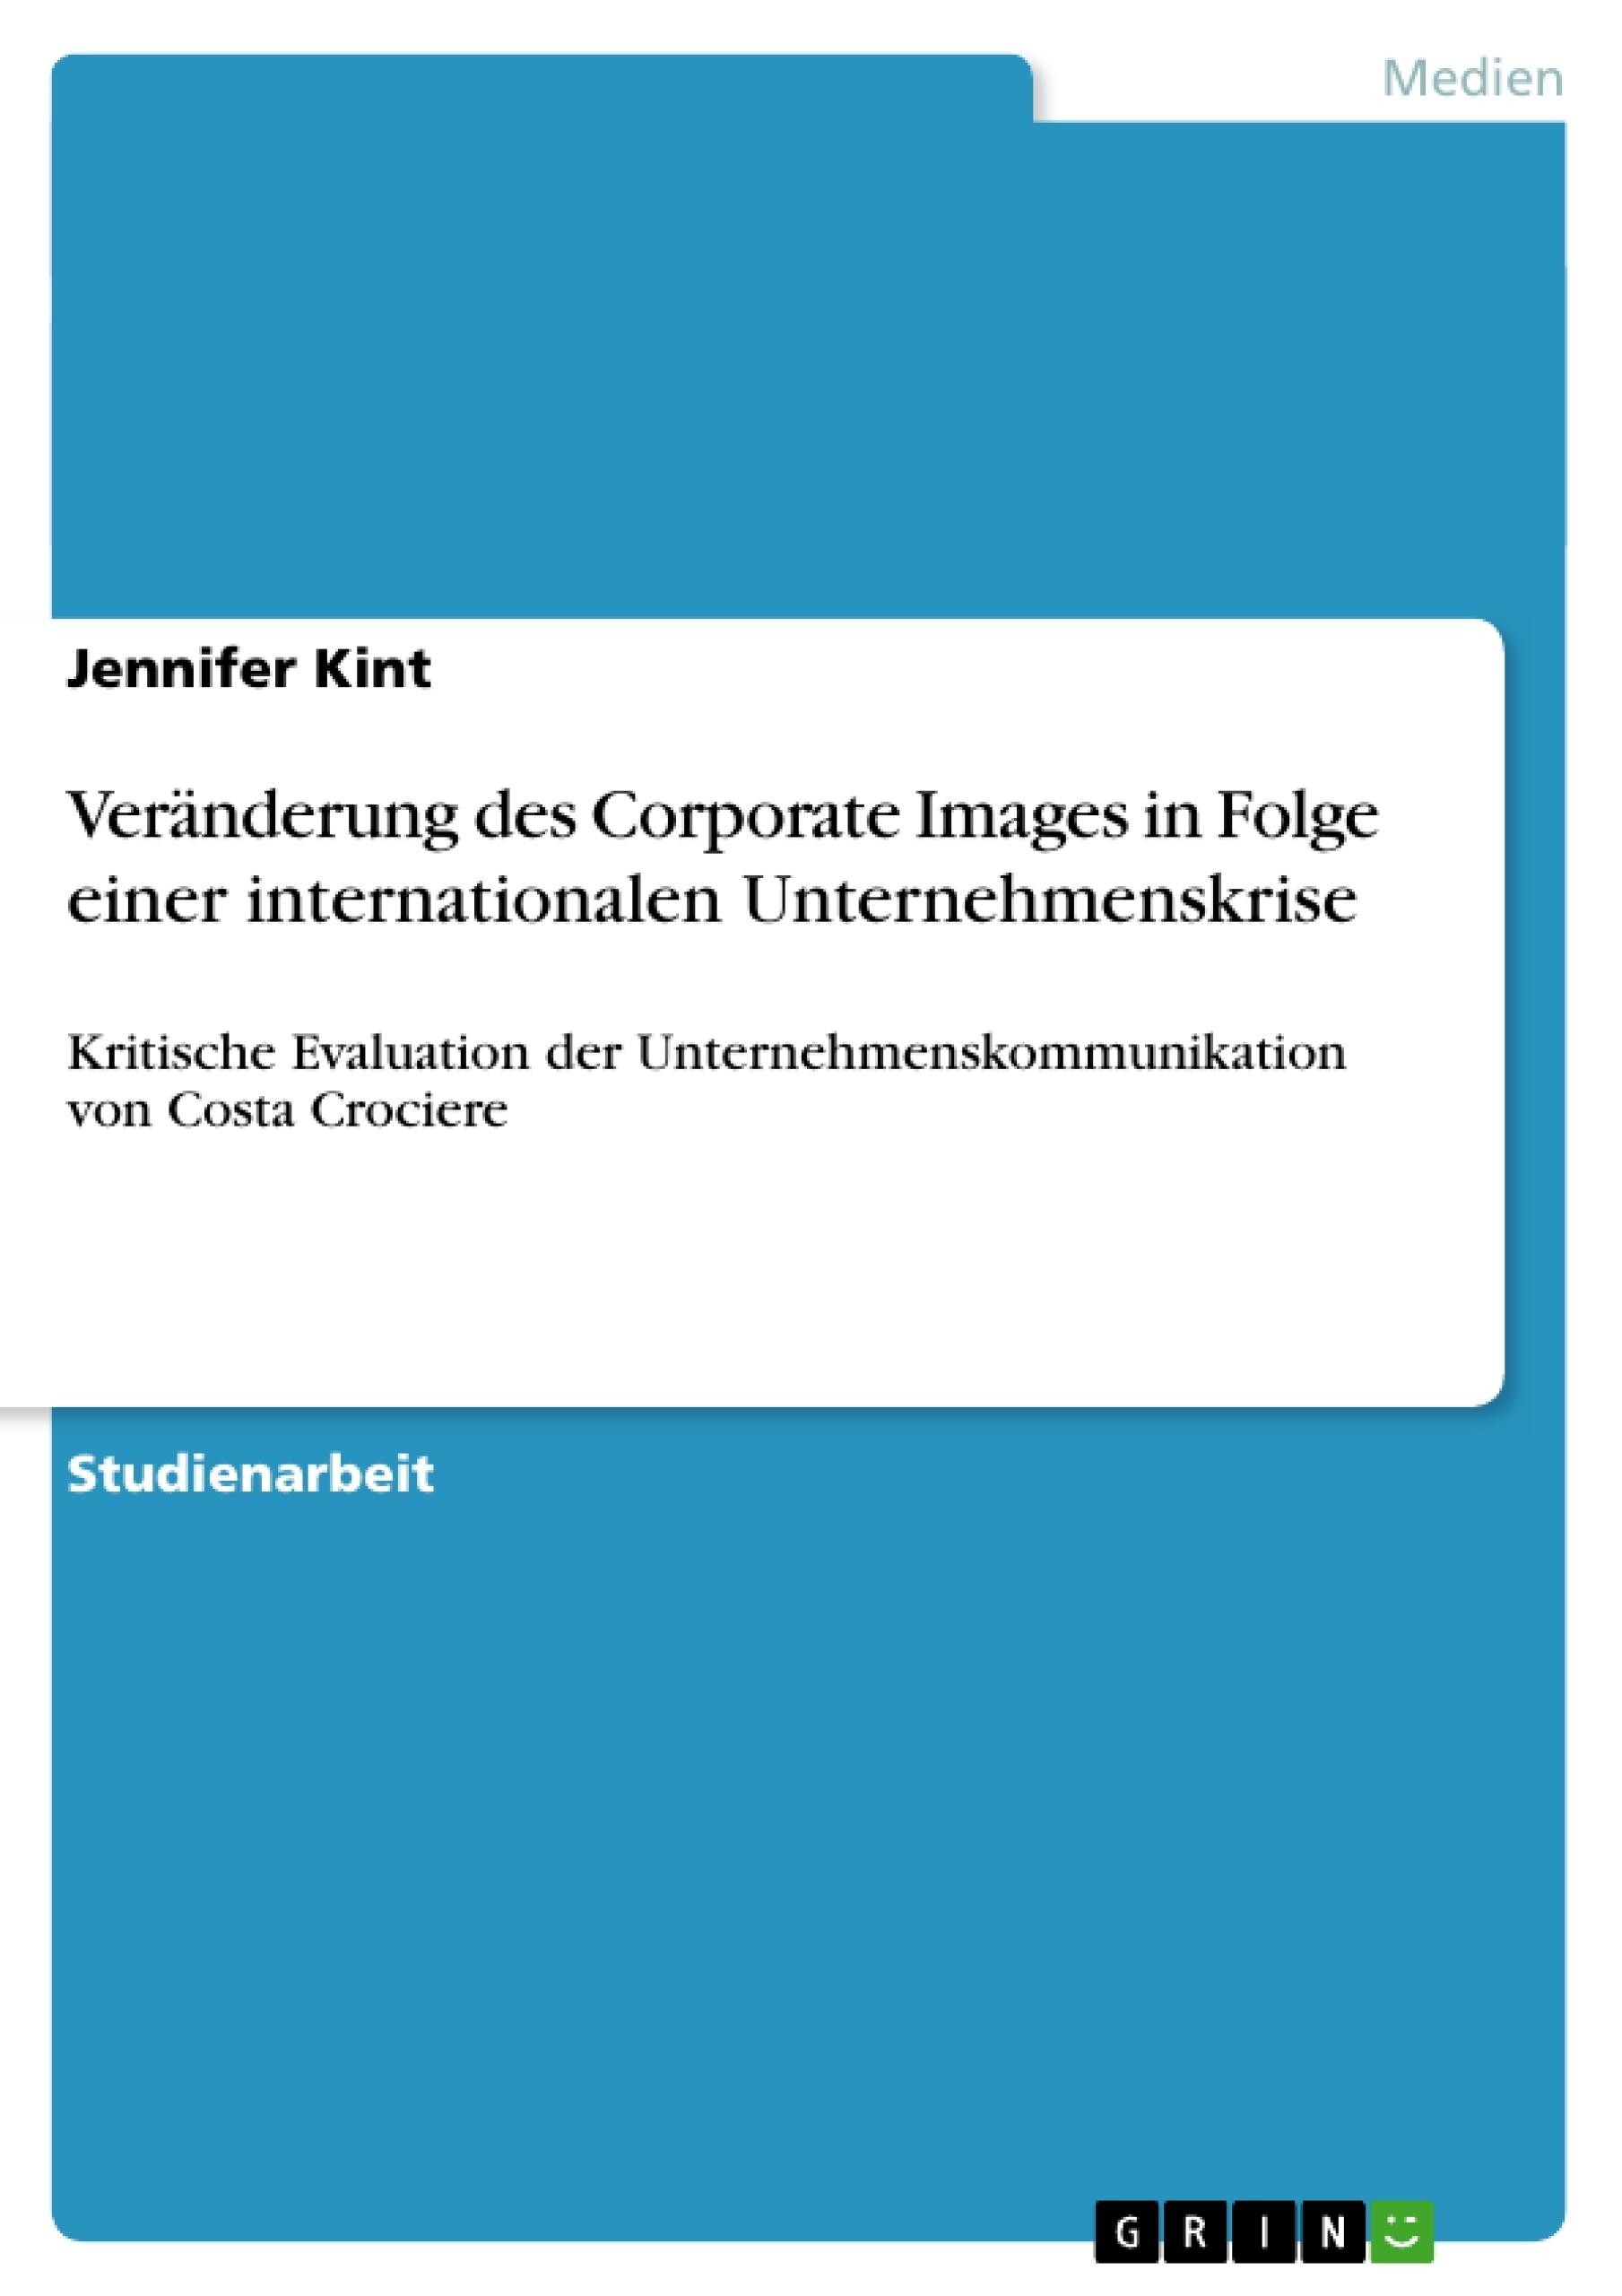 Titel: Veränderung des Corporate Images in Folge einer internationalen Unternehmenskrise